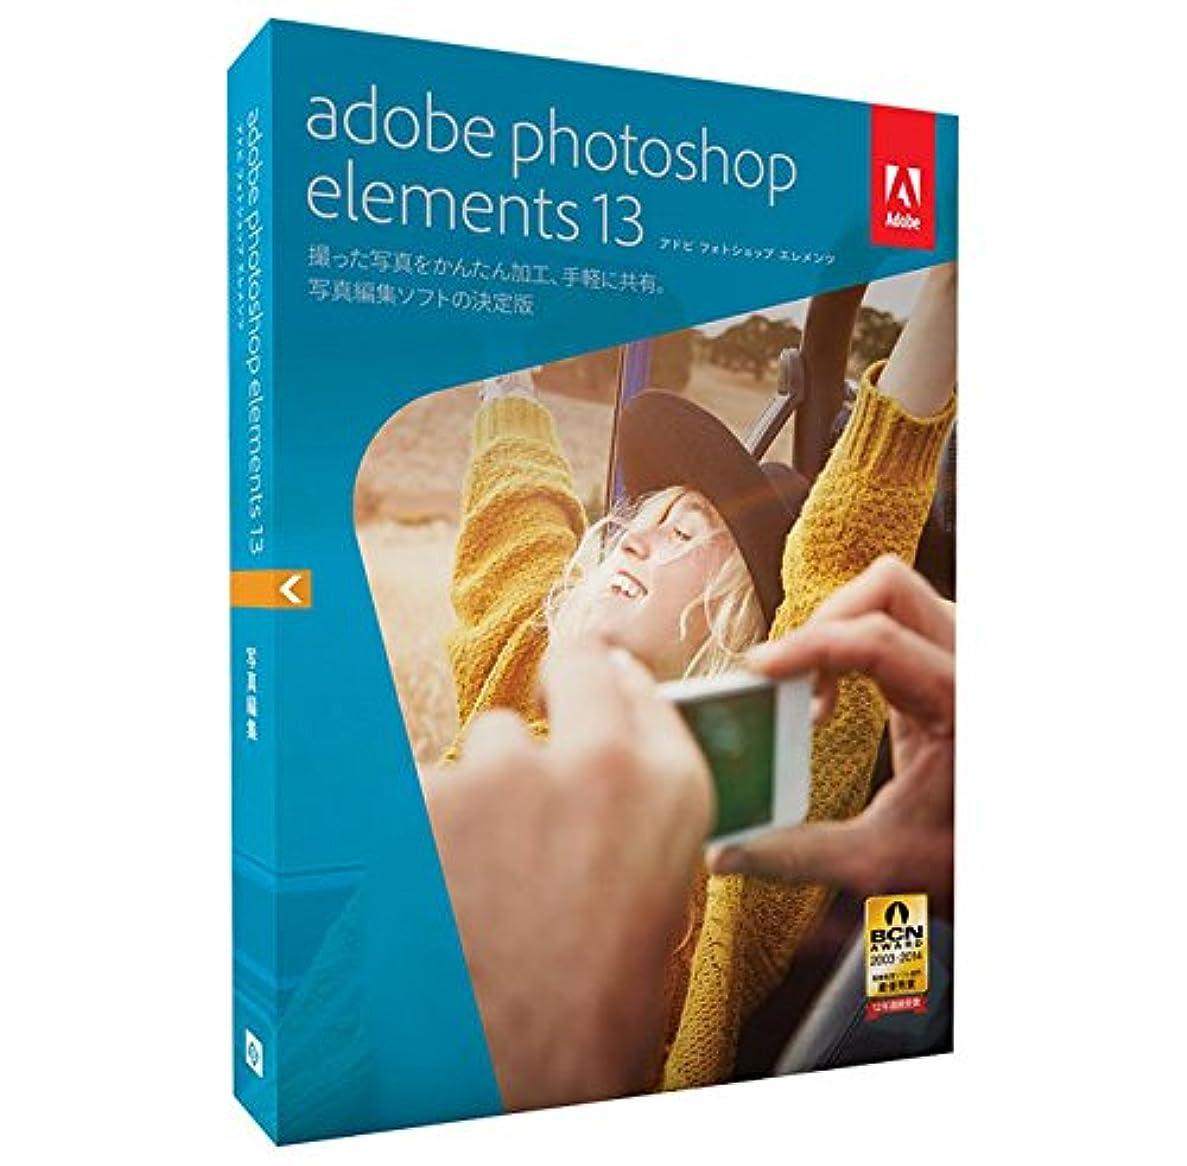 石化する安らぎオズワルドAdobe Photoshop Elements 13 Windows/Macintosh版(Elements 14への無償アップグレード対象商品 2015/12/24まで)